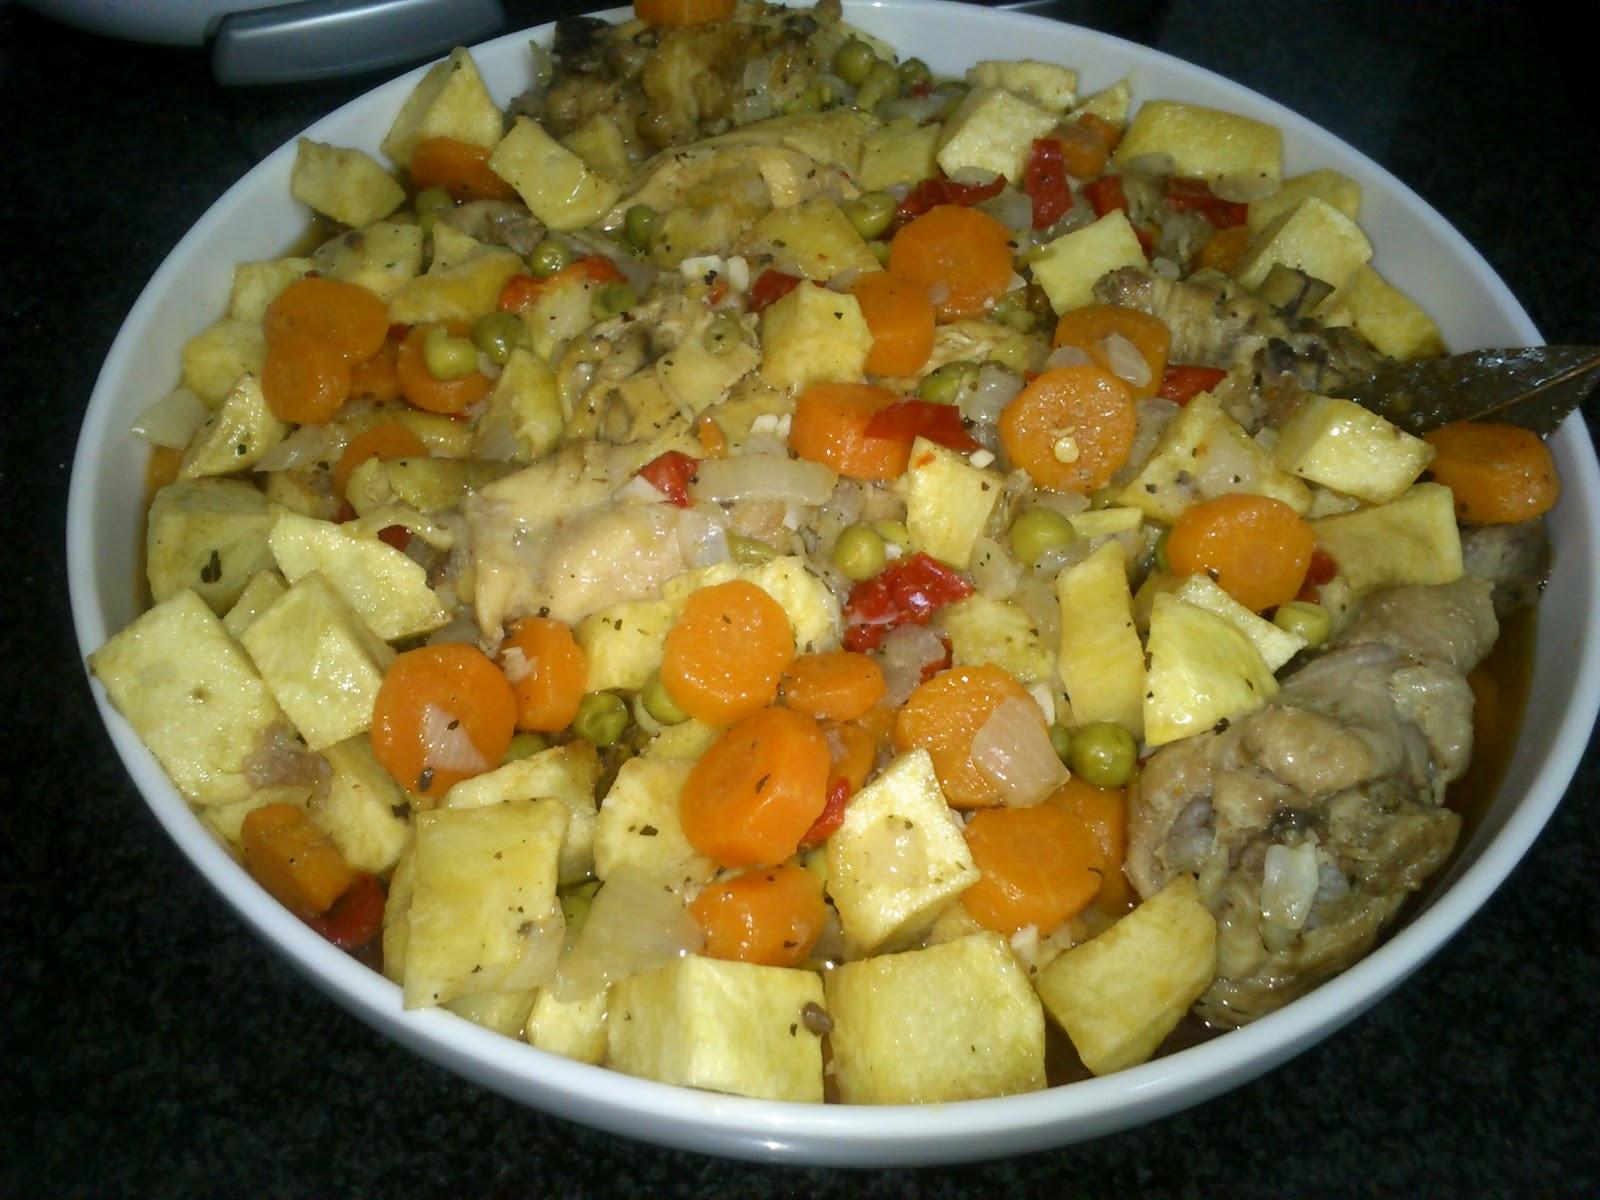 Un momento dulce pollo guisado con patatas for Cocinar xoubas